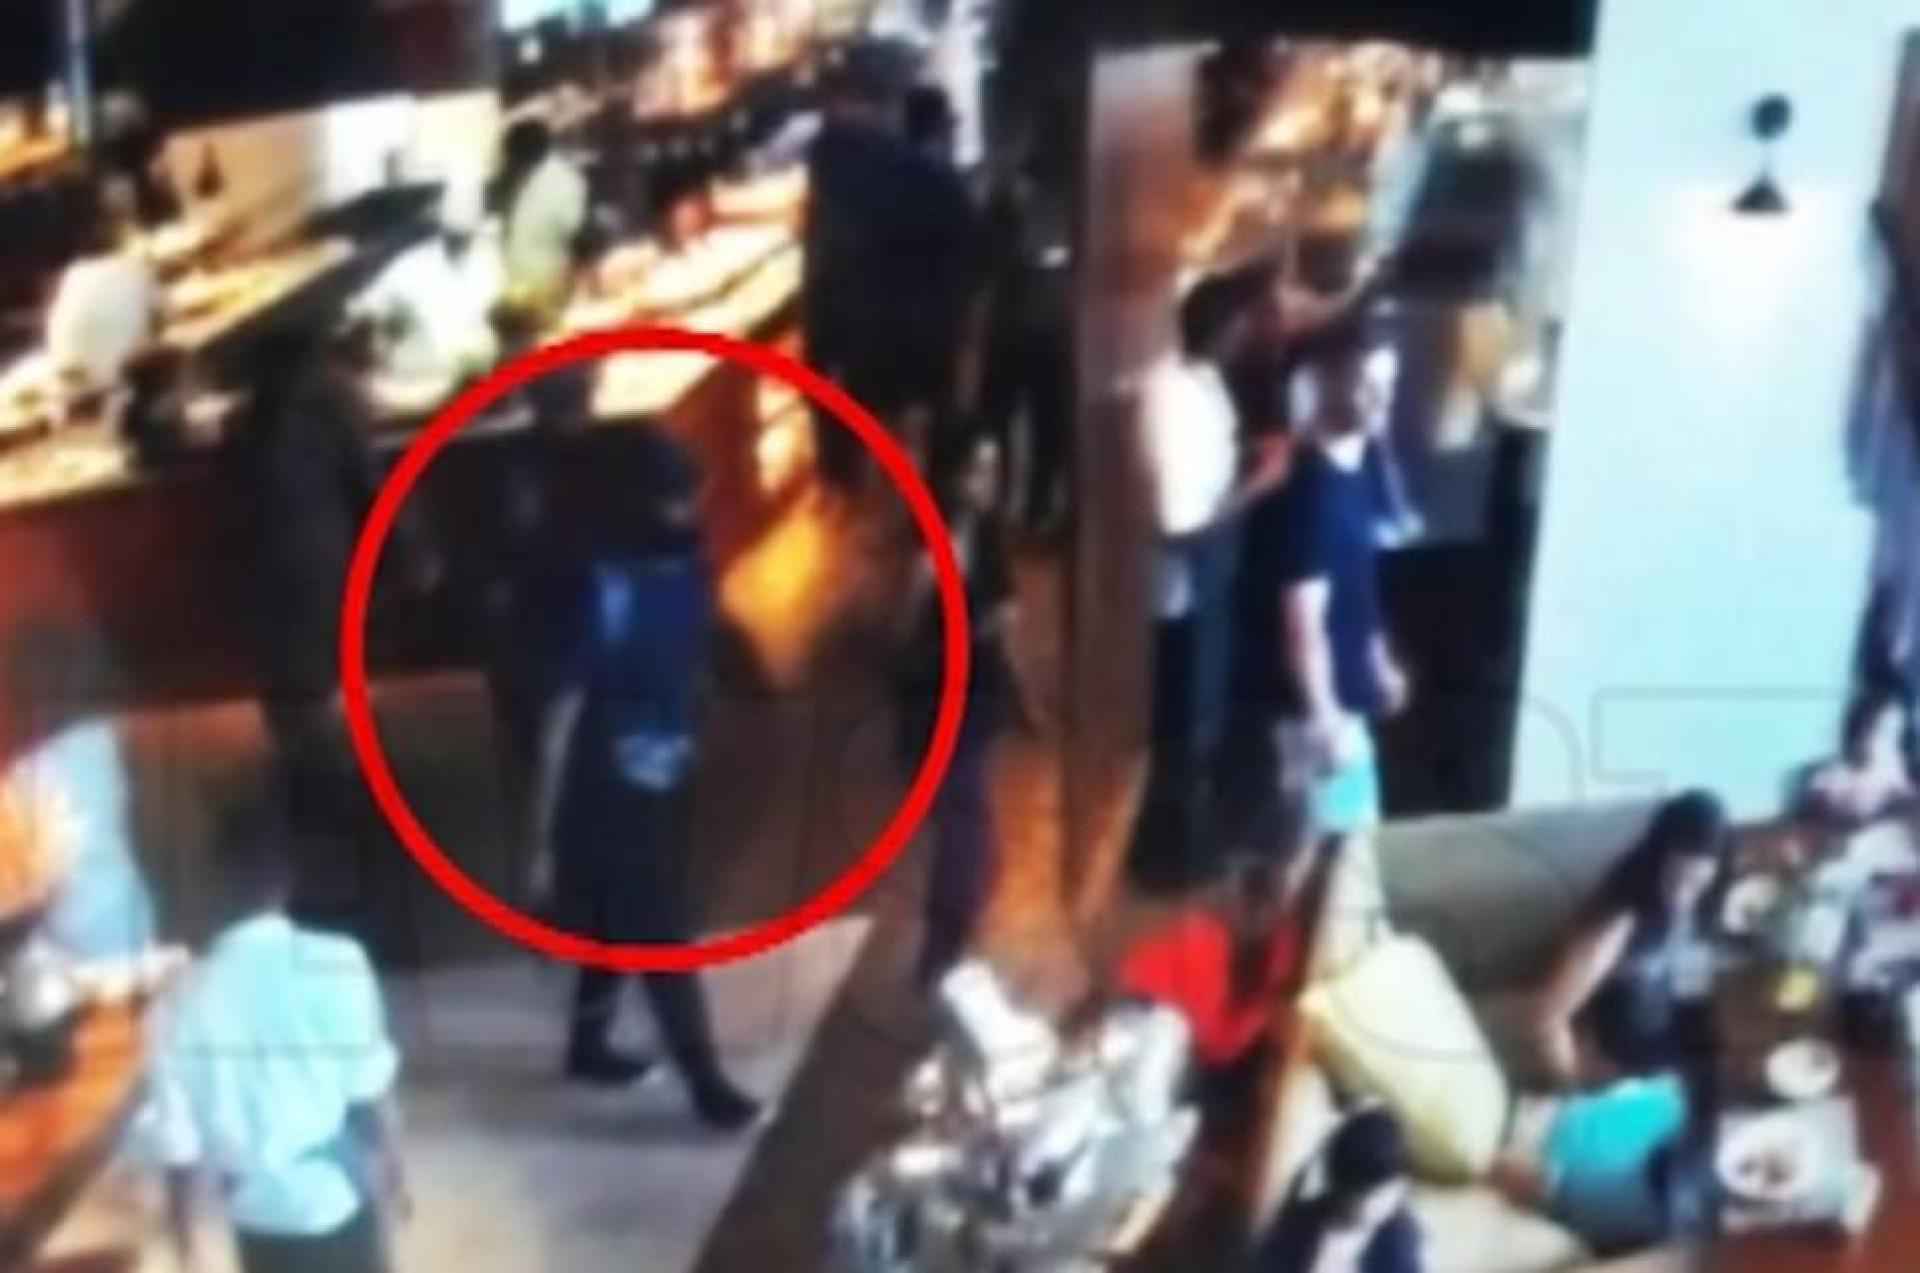 Bombista suicida visto a sorrir antes de se fazer explodir em hotel